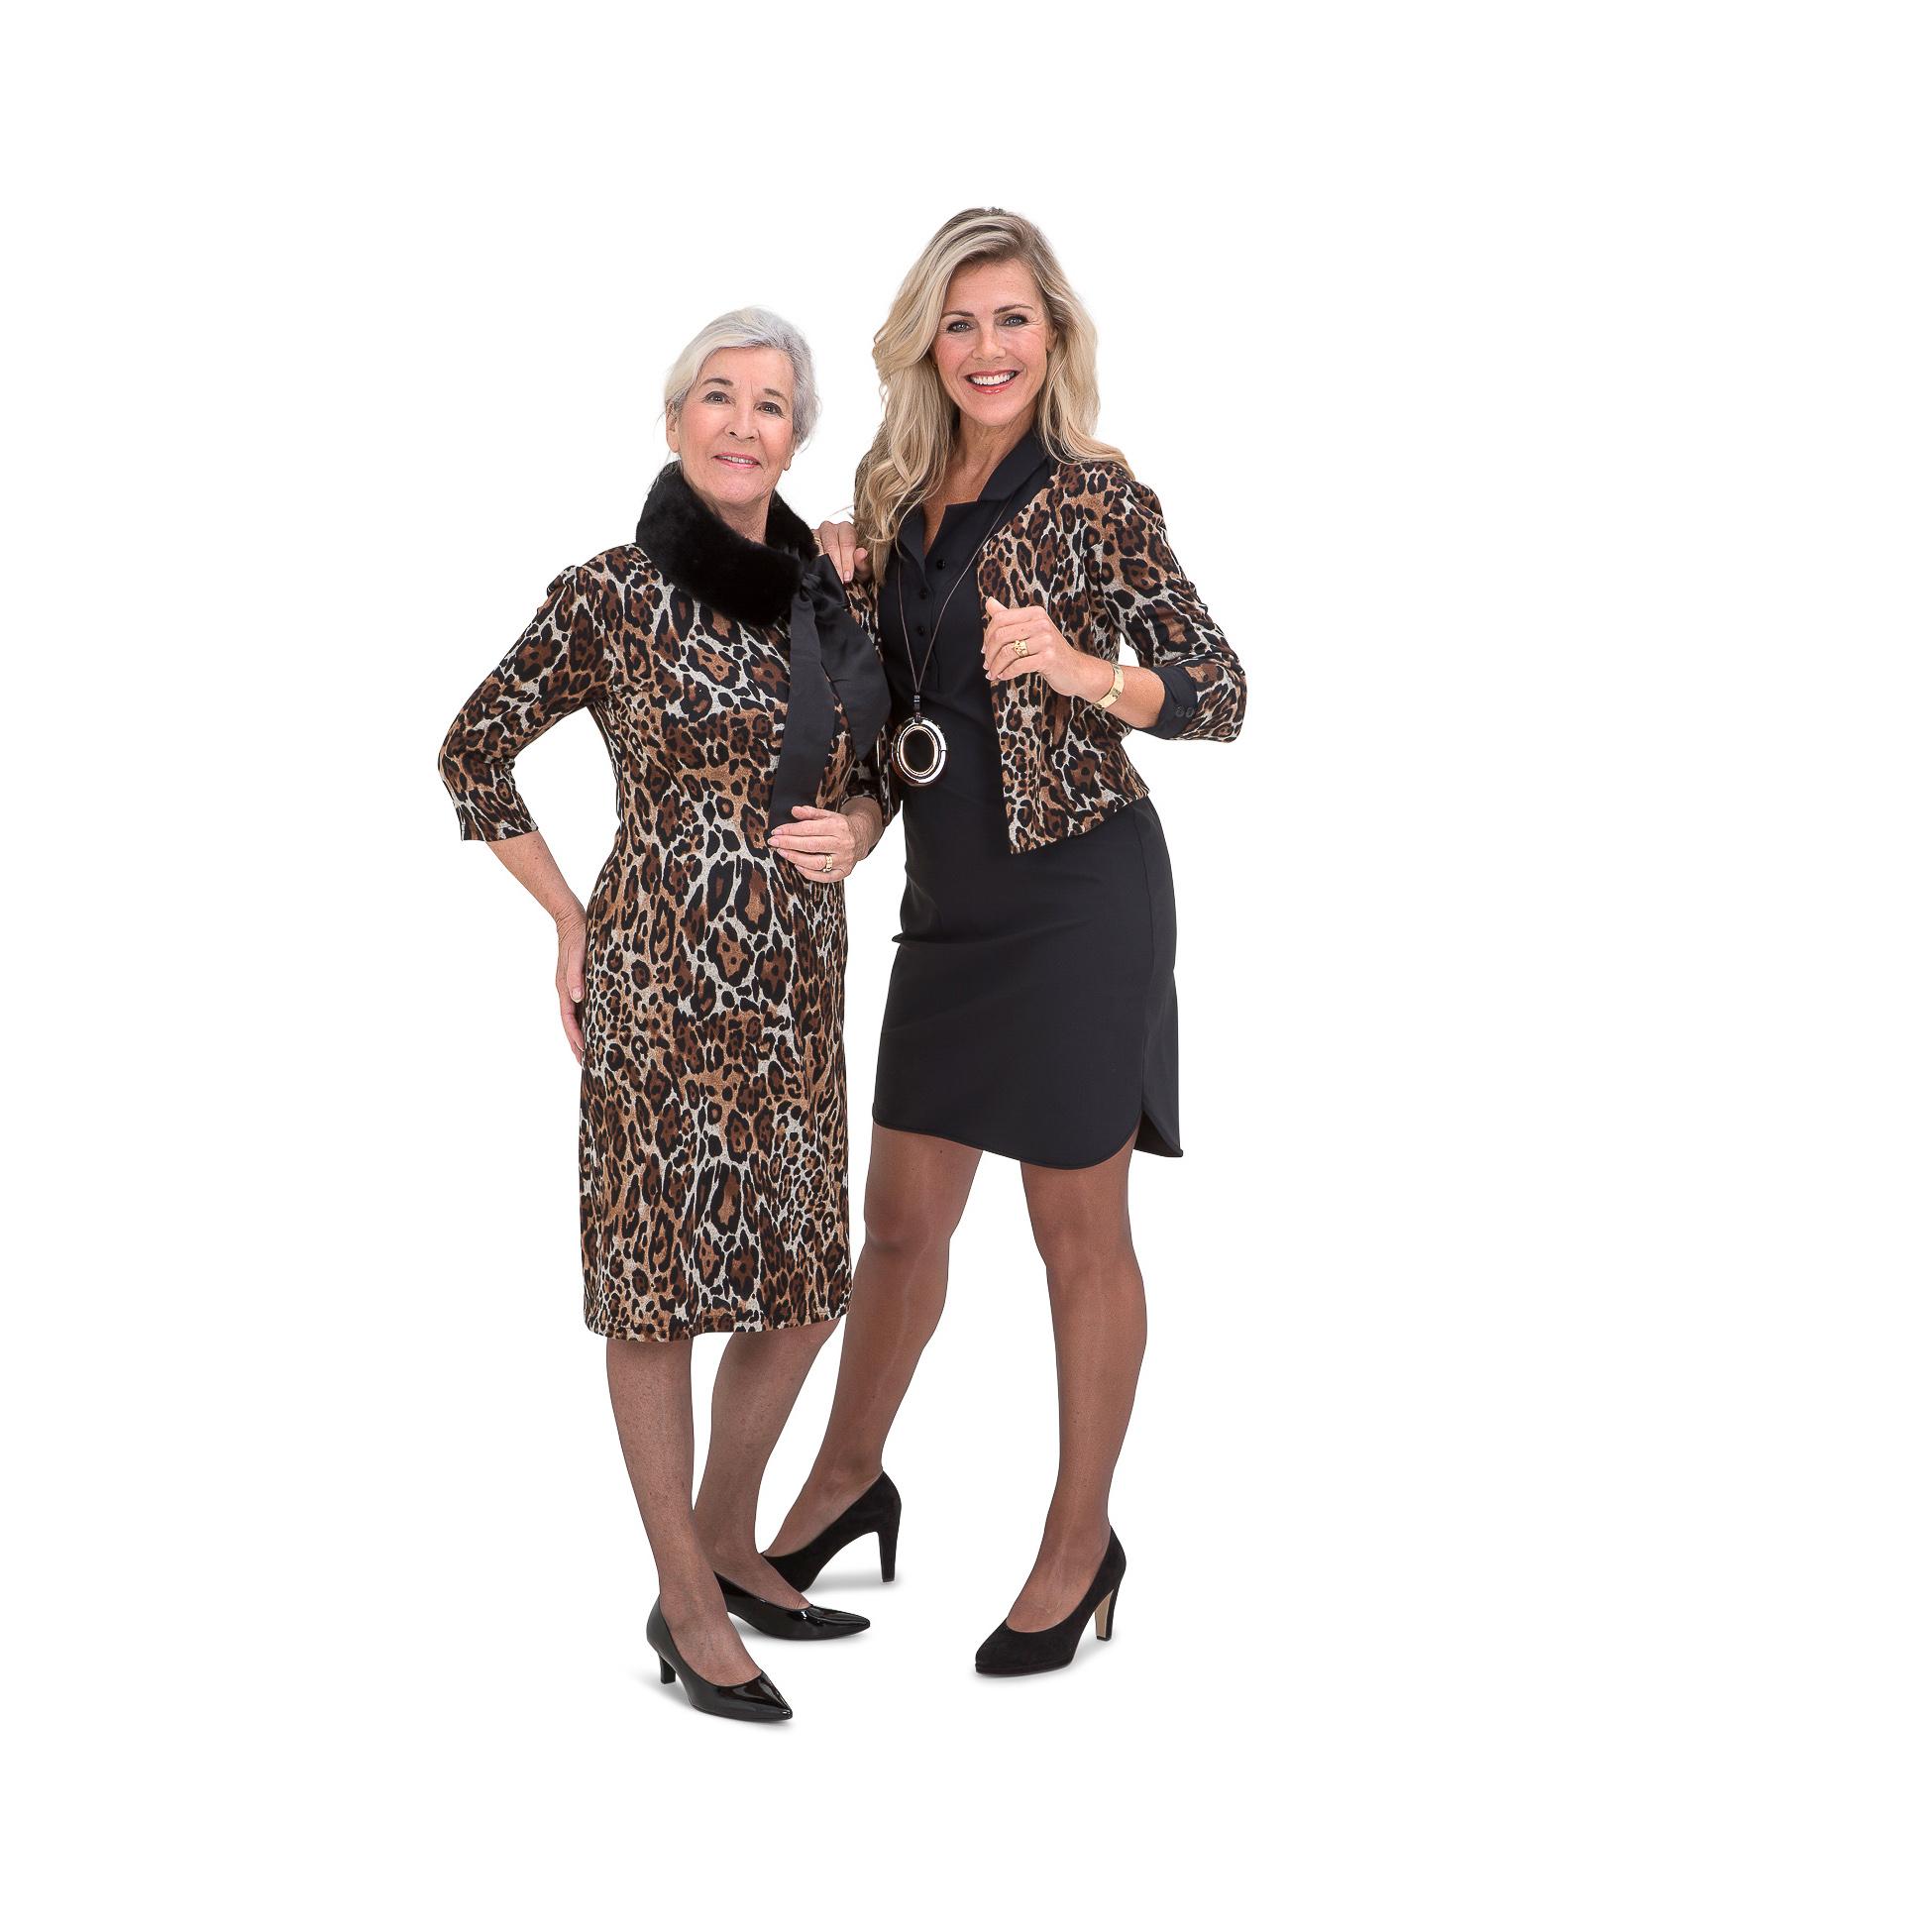 nr277-Hootsen-najaar-web-dames-klassiek